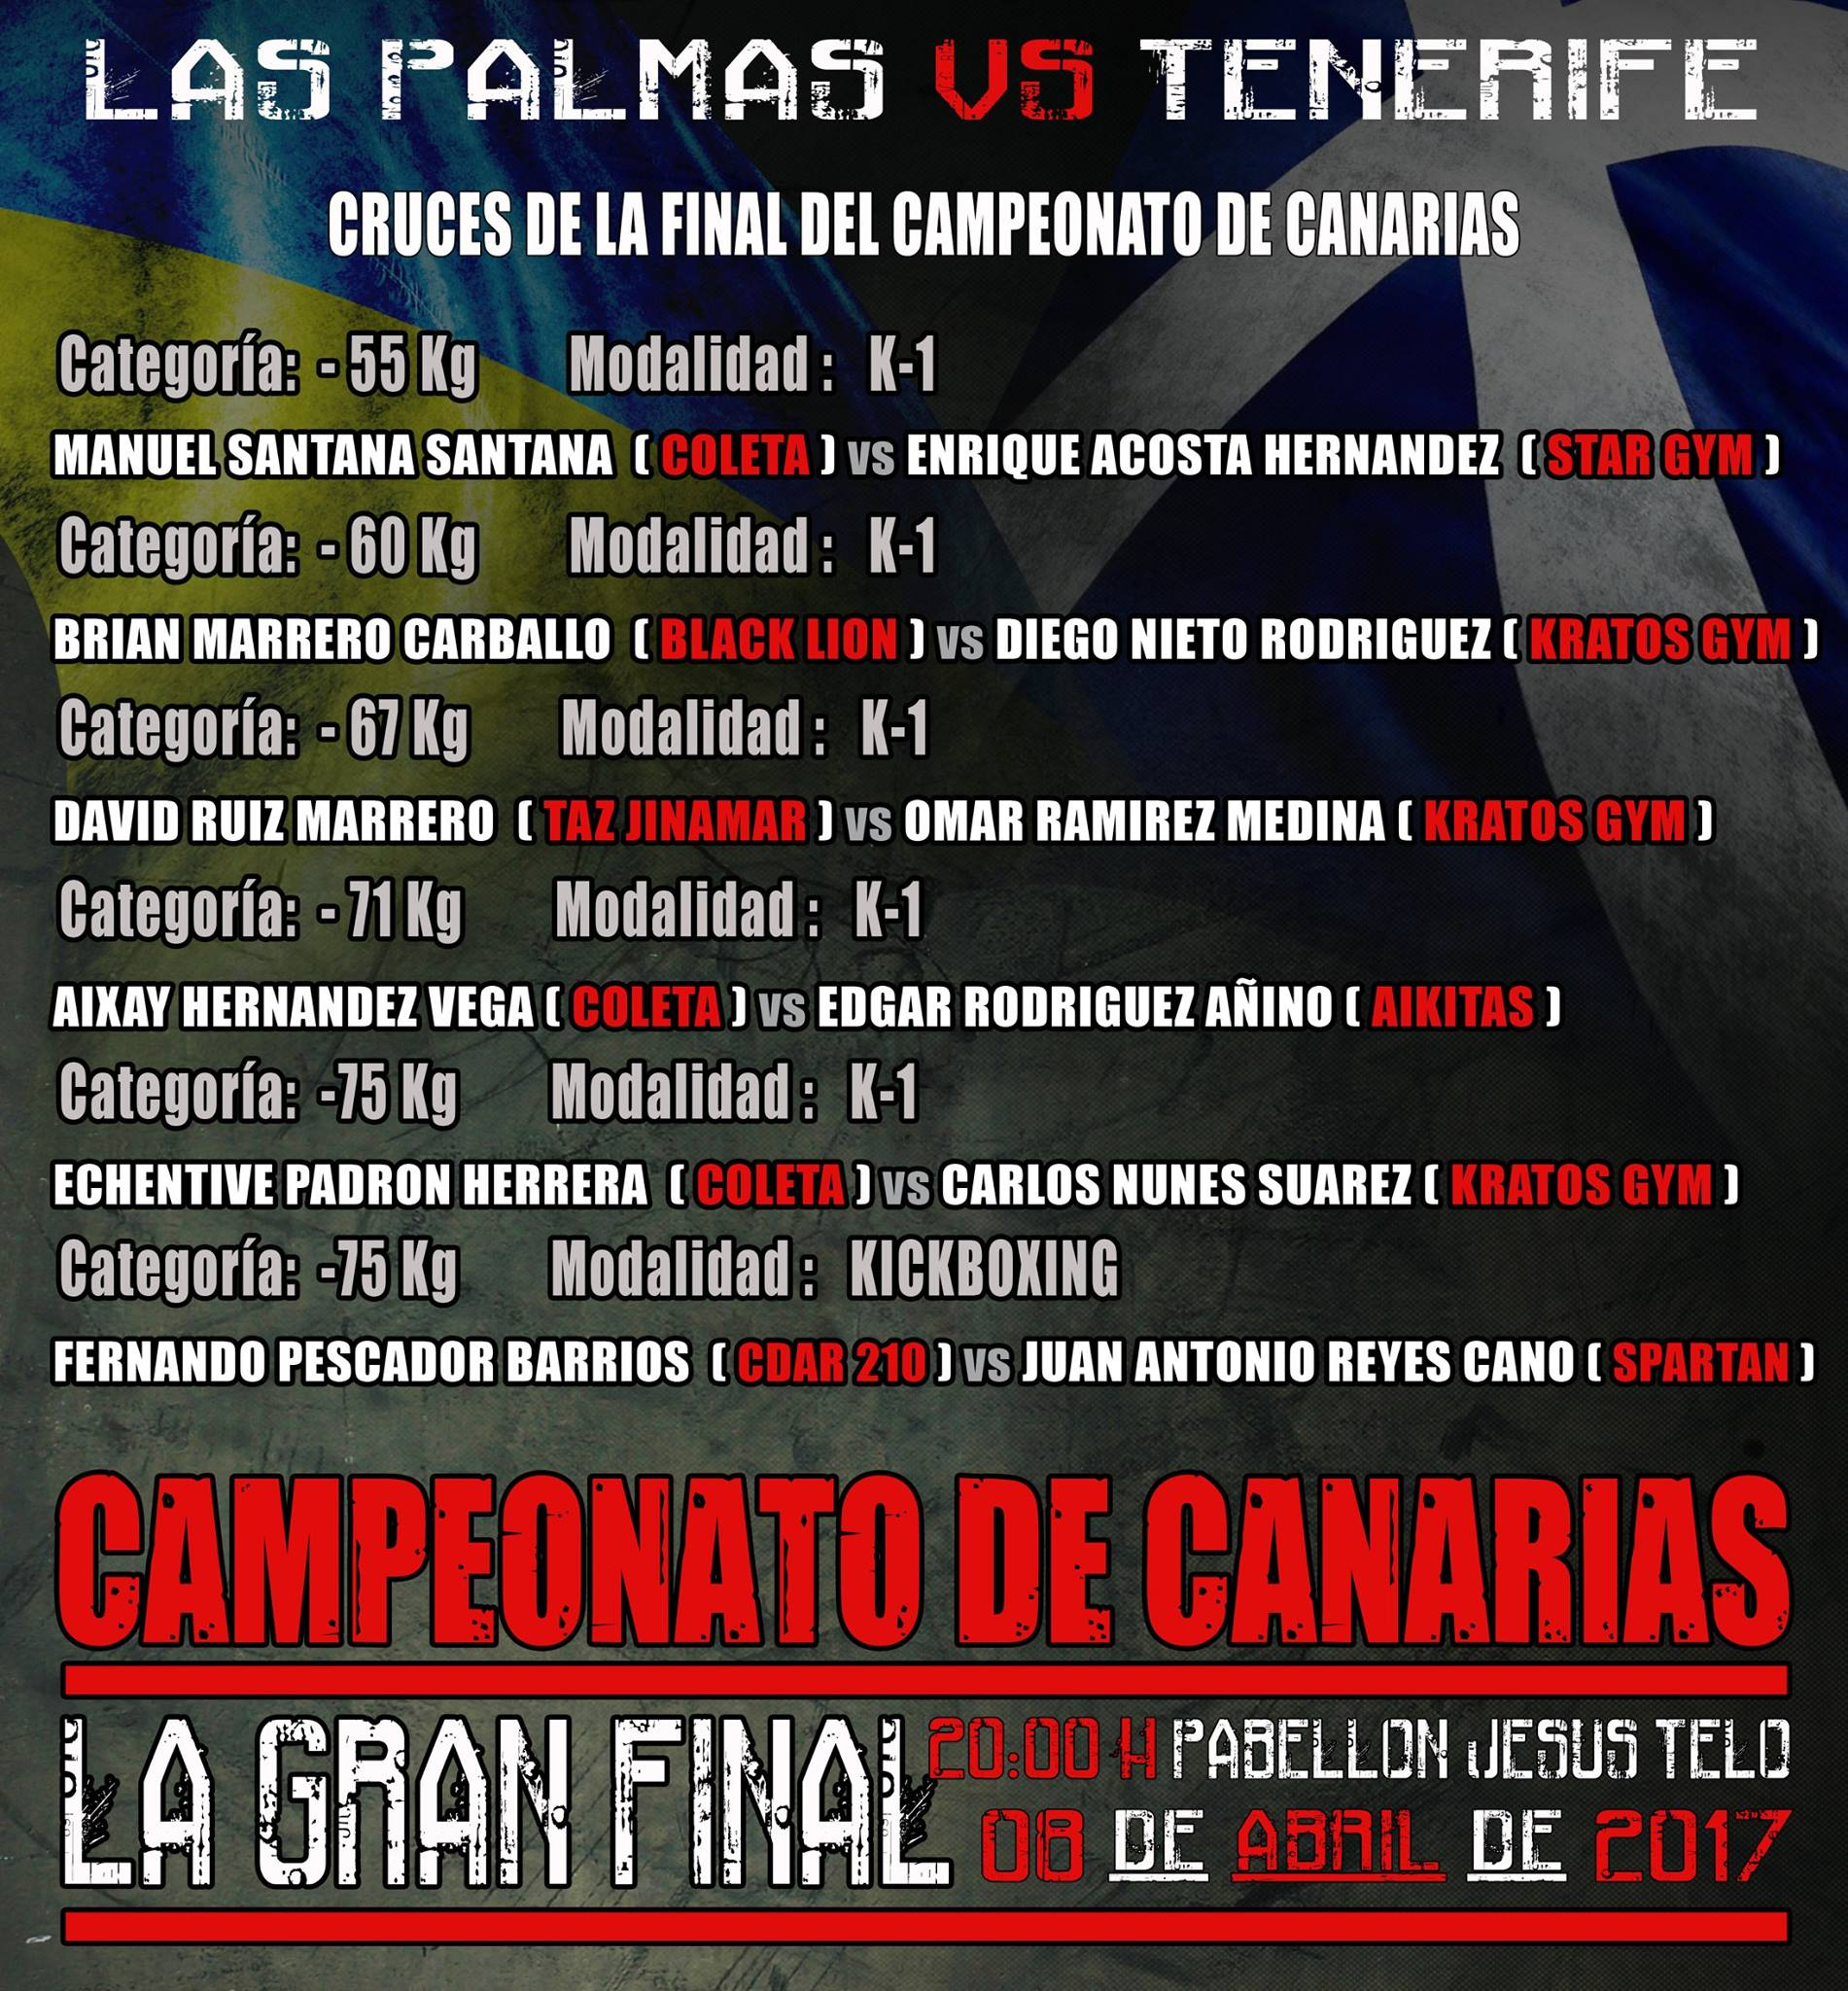 finales campeonato canarias